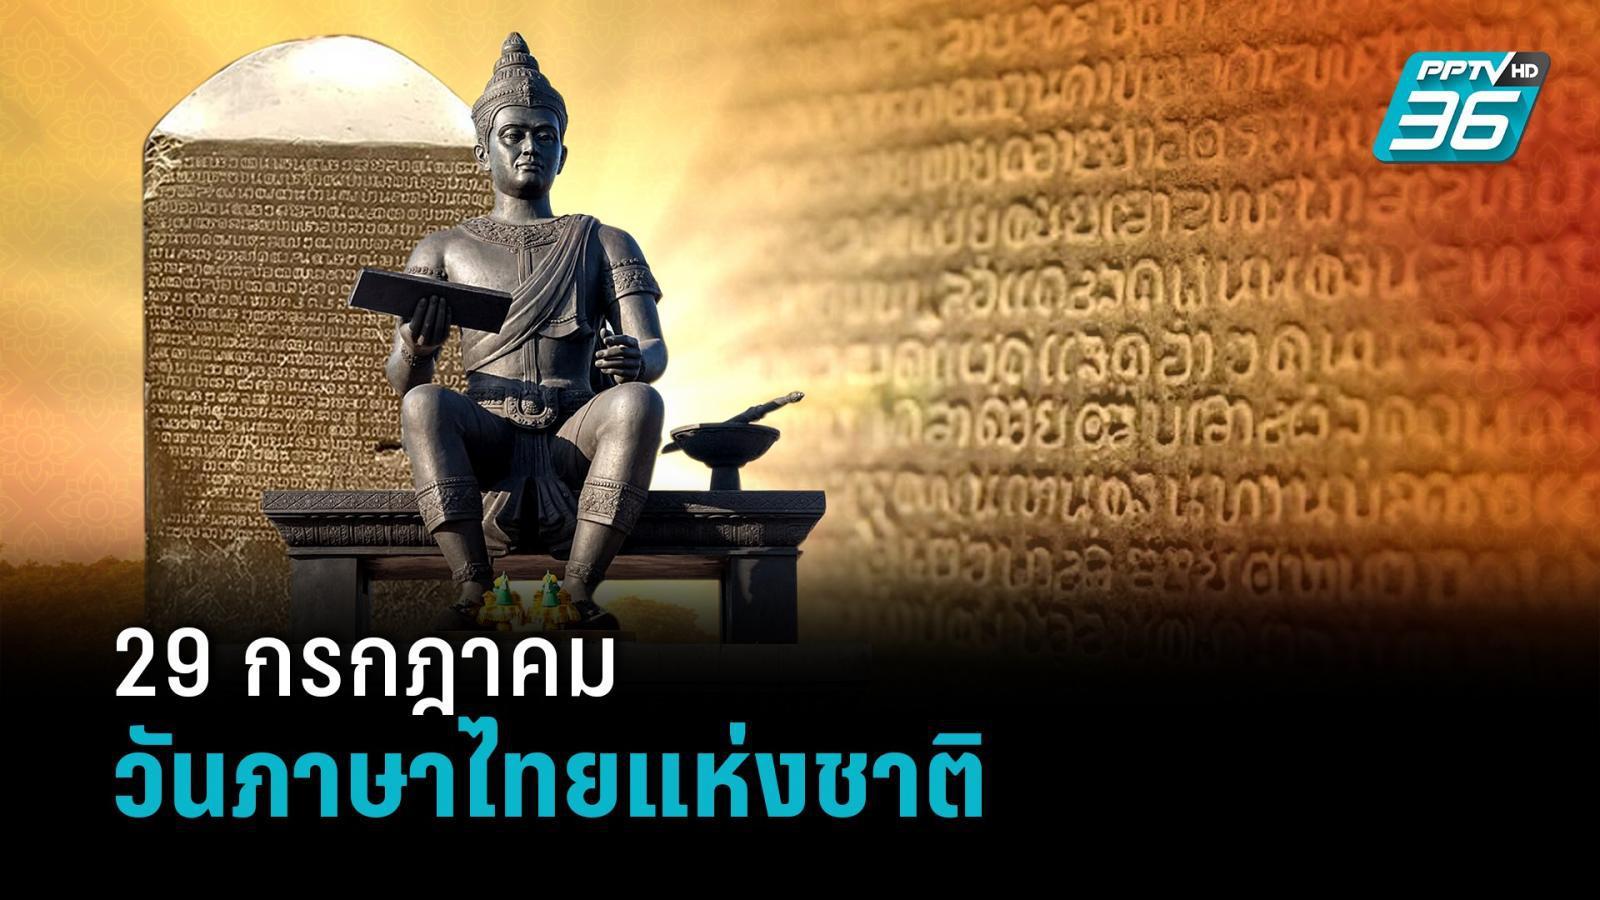 """29 ก.ค. """"วันภาษาไทย""""  คุณค่าและเอกลักษณ์คู่ชาติไทย"""